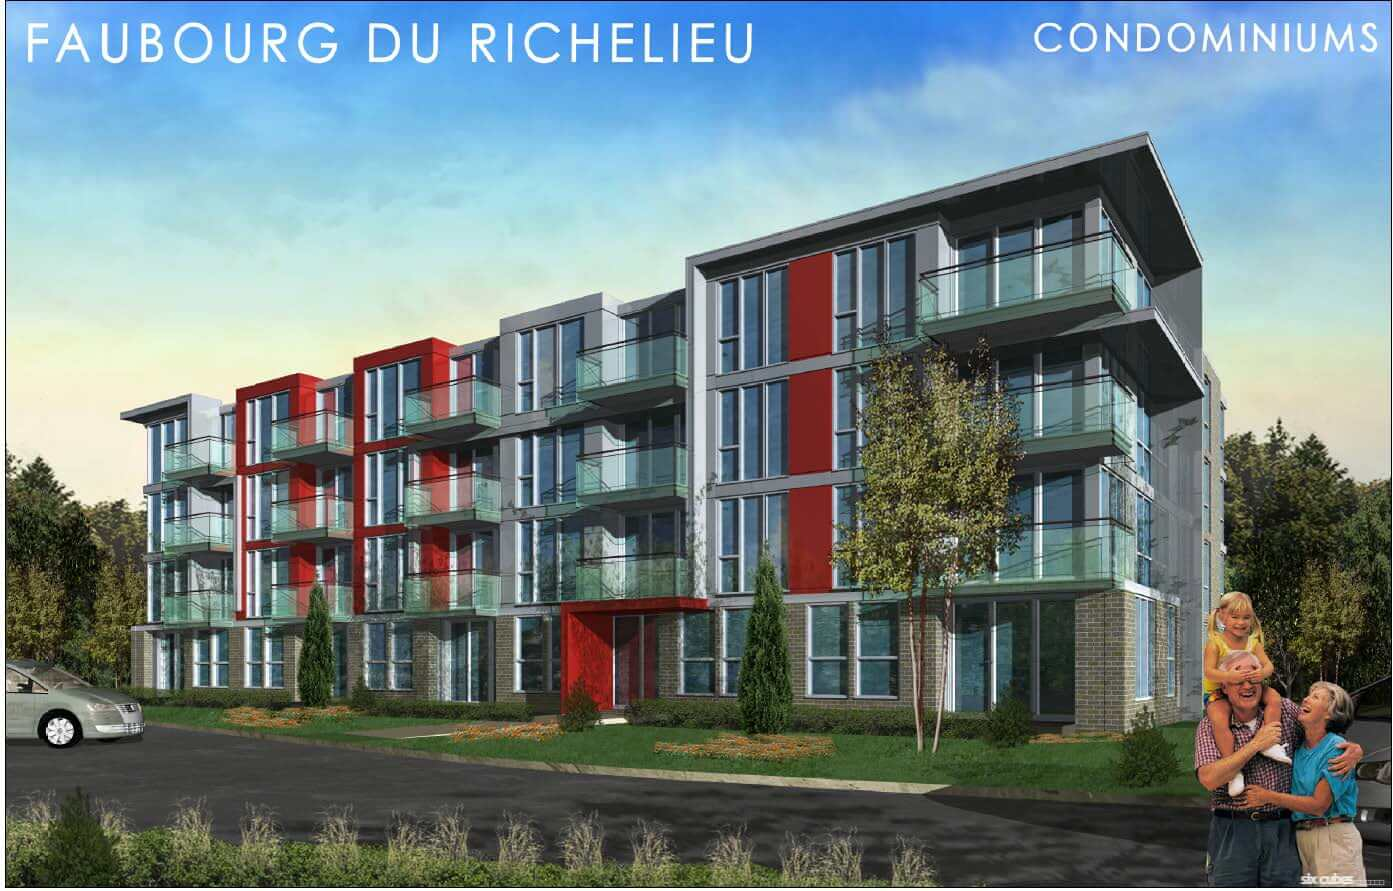 Faubourg du Richelieu devant